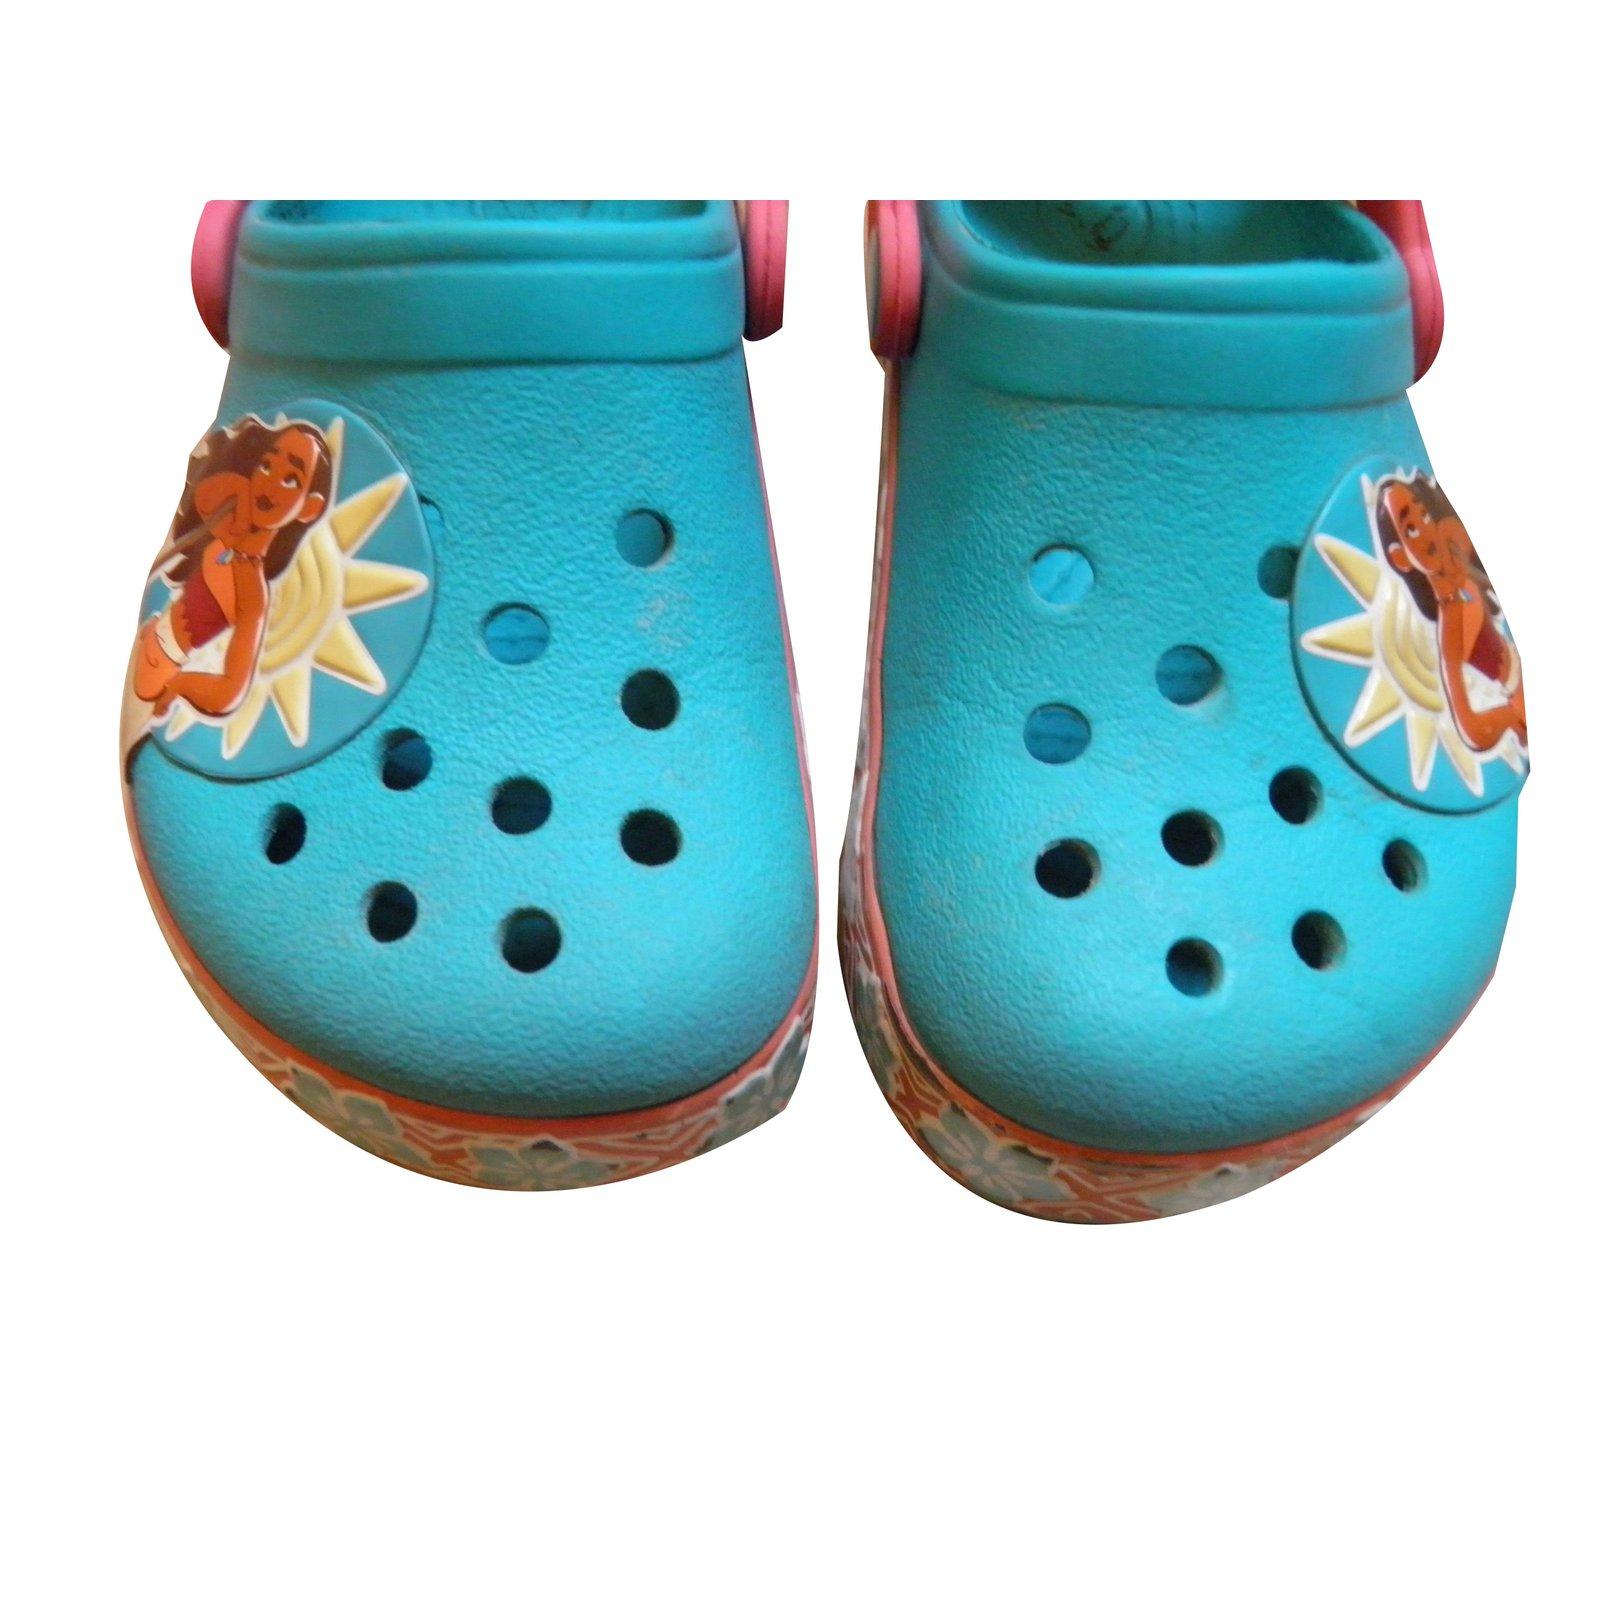 Sandales Crocs Enfant Autre Marque Caoutchouc aRaFrq